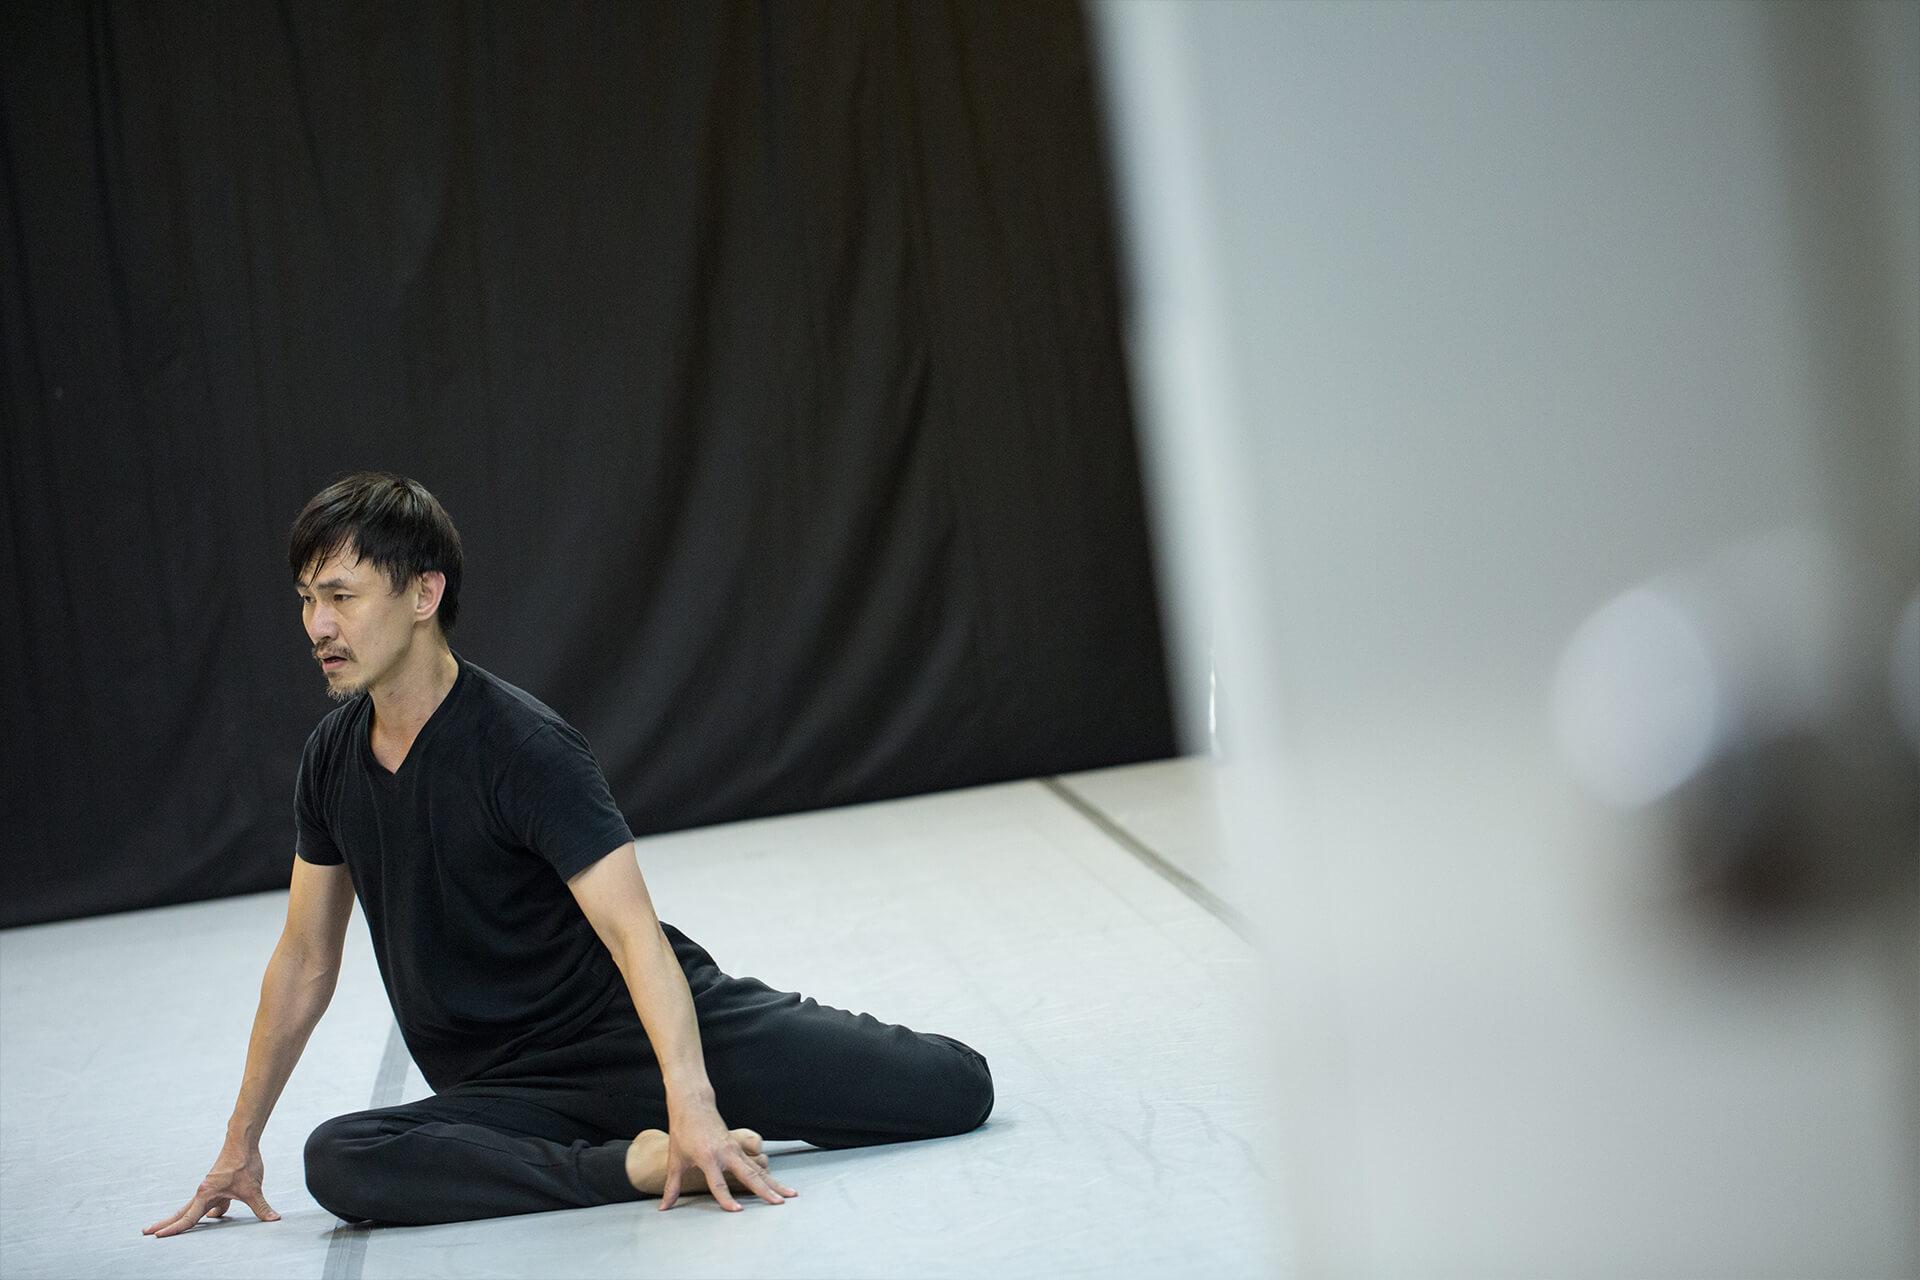 《跳著舞去火星》是王榮祿對舞蹈的狂想曲,跳了三十年的舞者繼續跳下去會怎樣?演出除了妻子之外,還有另外兩位舞者,包括邱加希與劉曼詩,在其餘章節跟王榮祿共舞。